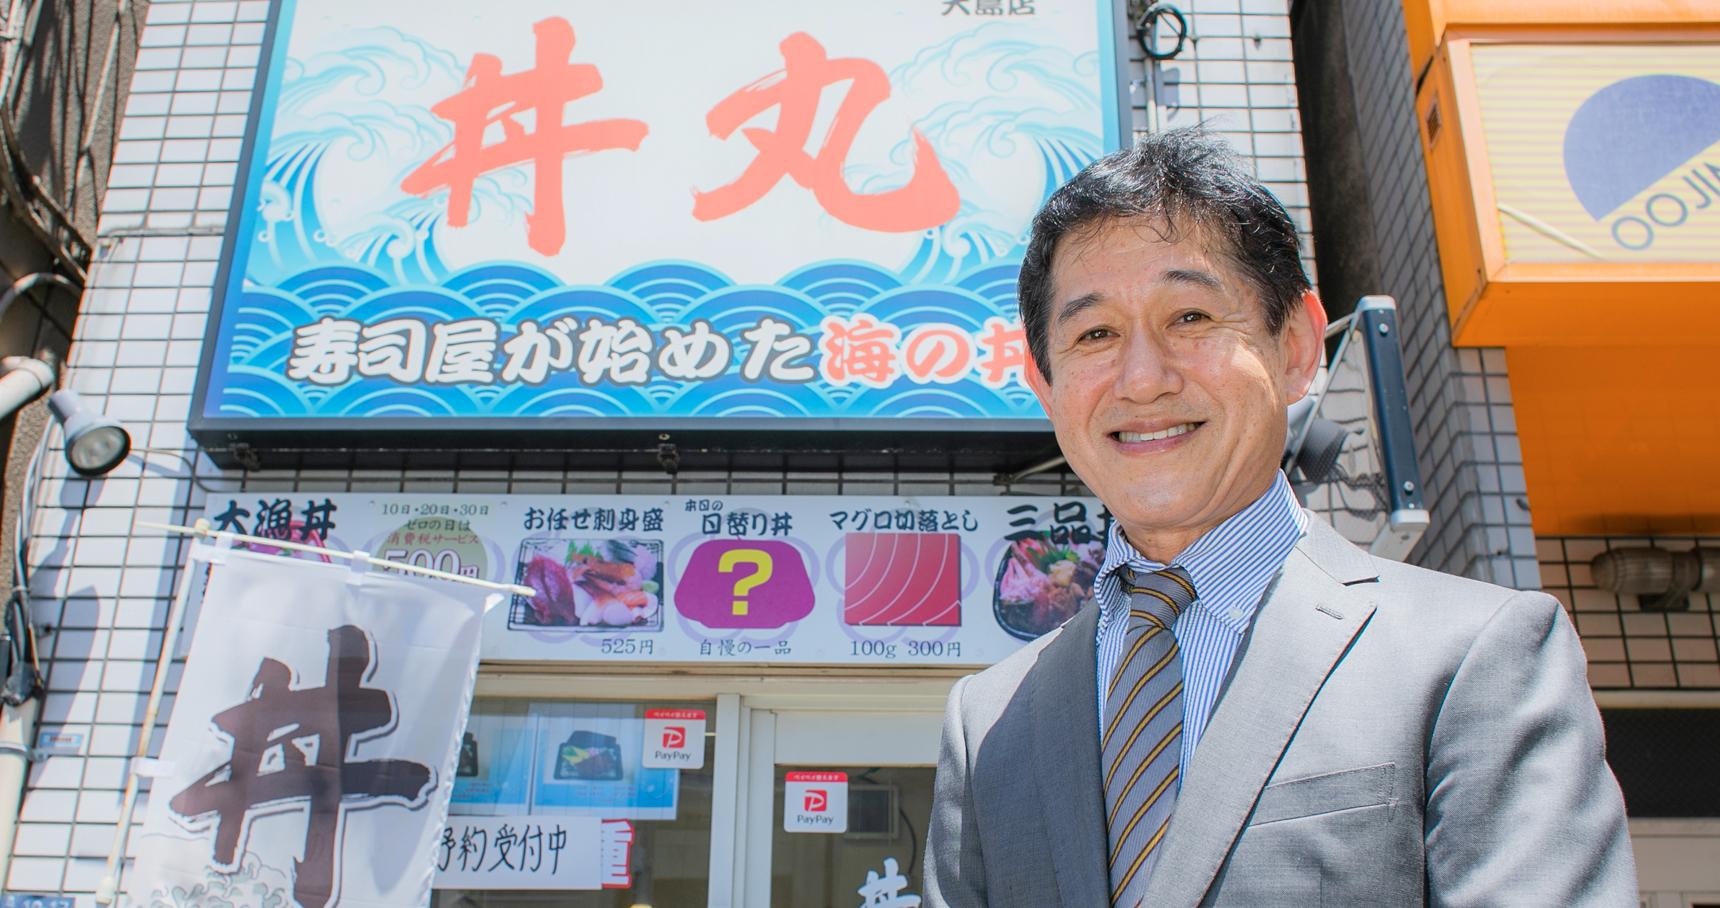 丼丸400店舗への成長の秘訣は、自由な経営と驚きのワンコイン商品にあり。<PR>